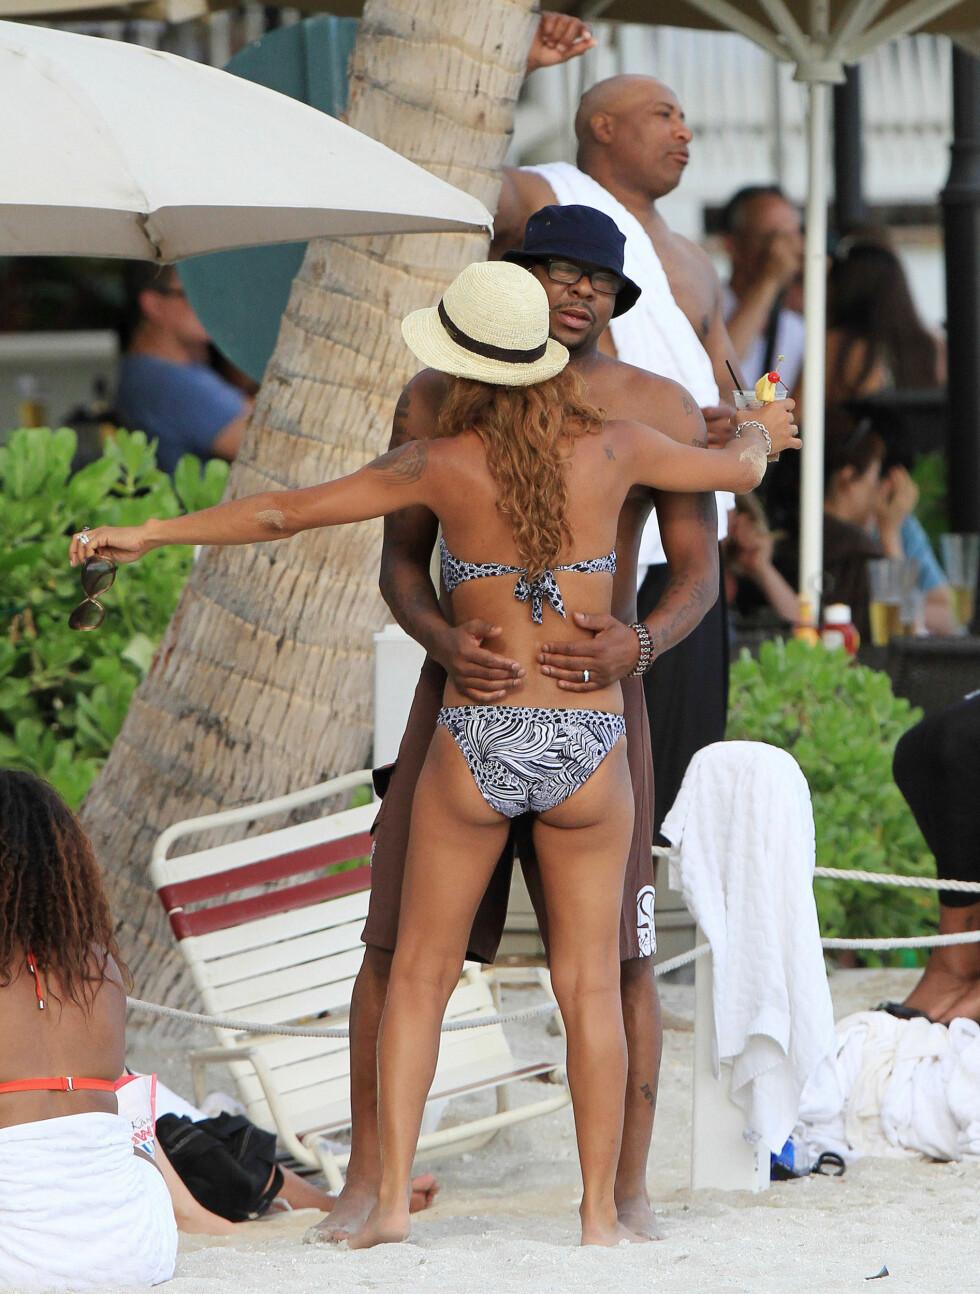 DANSET PÅ STRANDA: Bobby og Alicia koste seg meg drinker og danset på stranda etter bryllupet sist mandag.  Foto: Fame Flynet